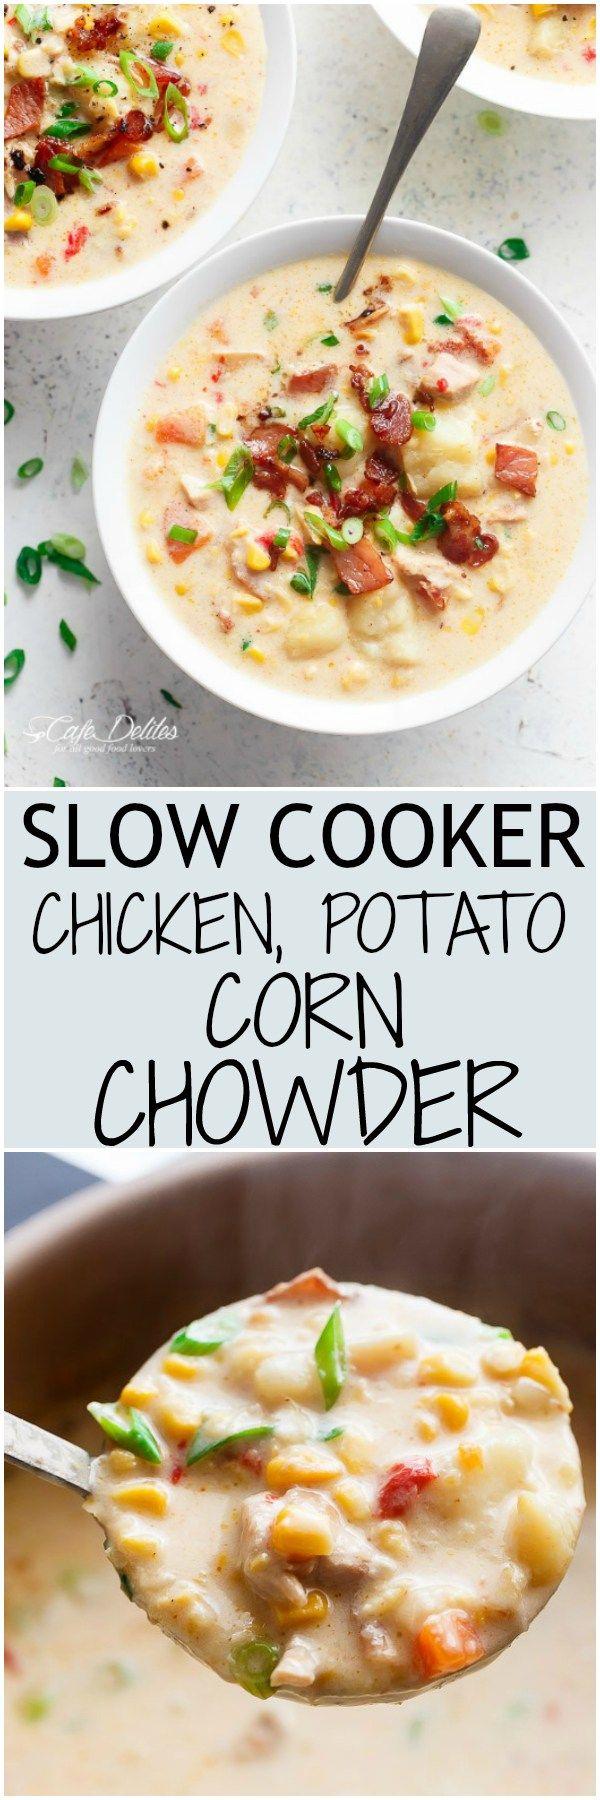 how to cook quahogs for chowder